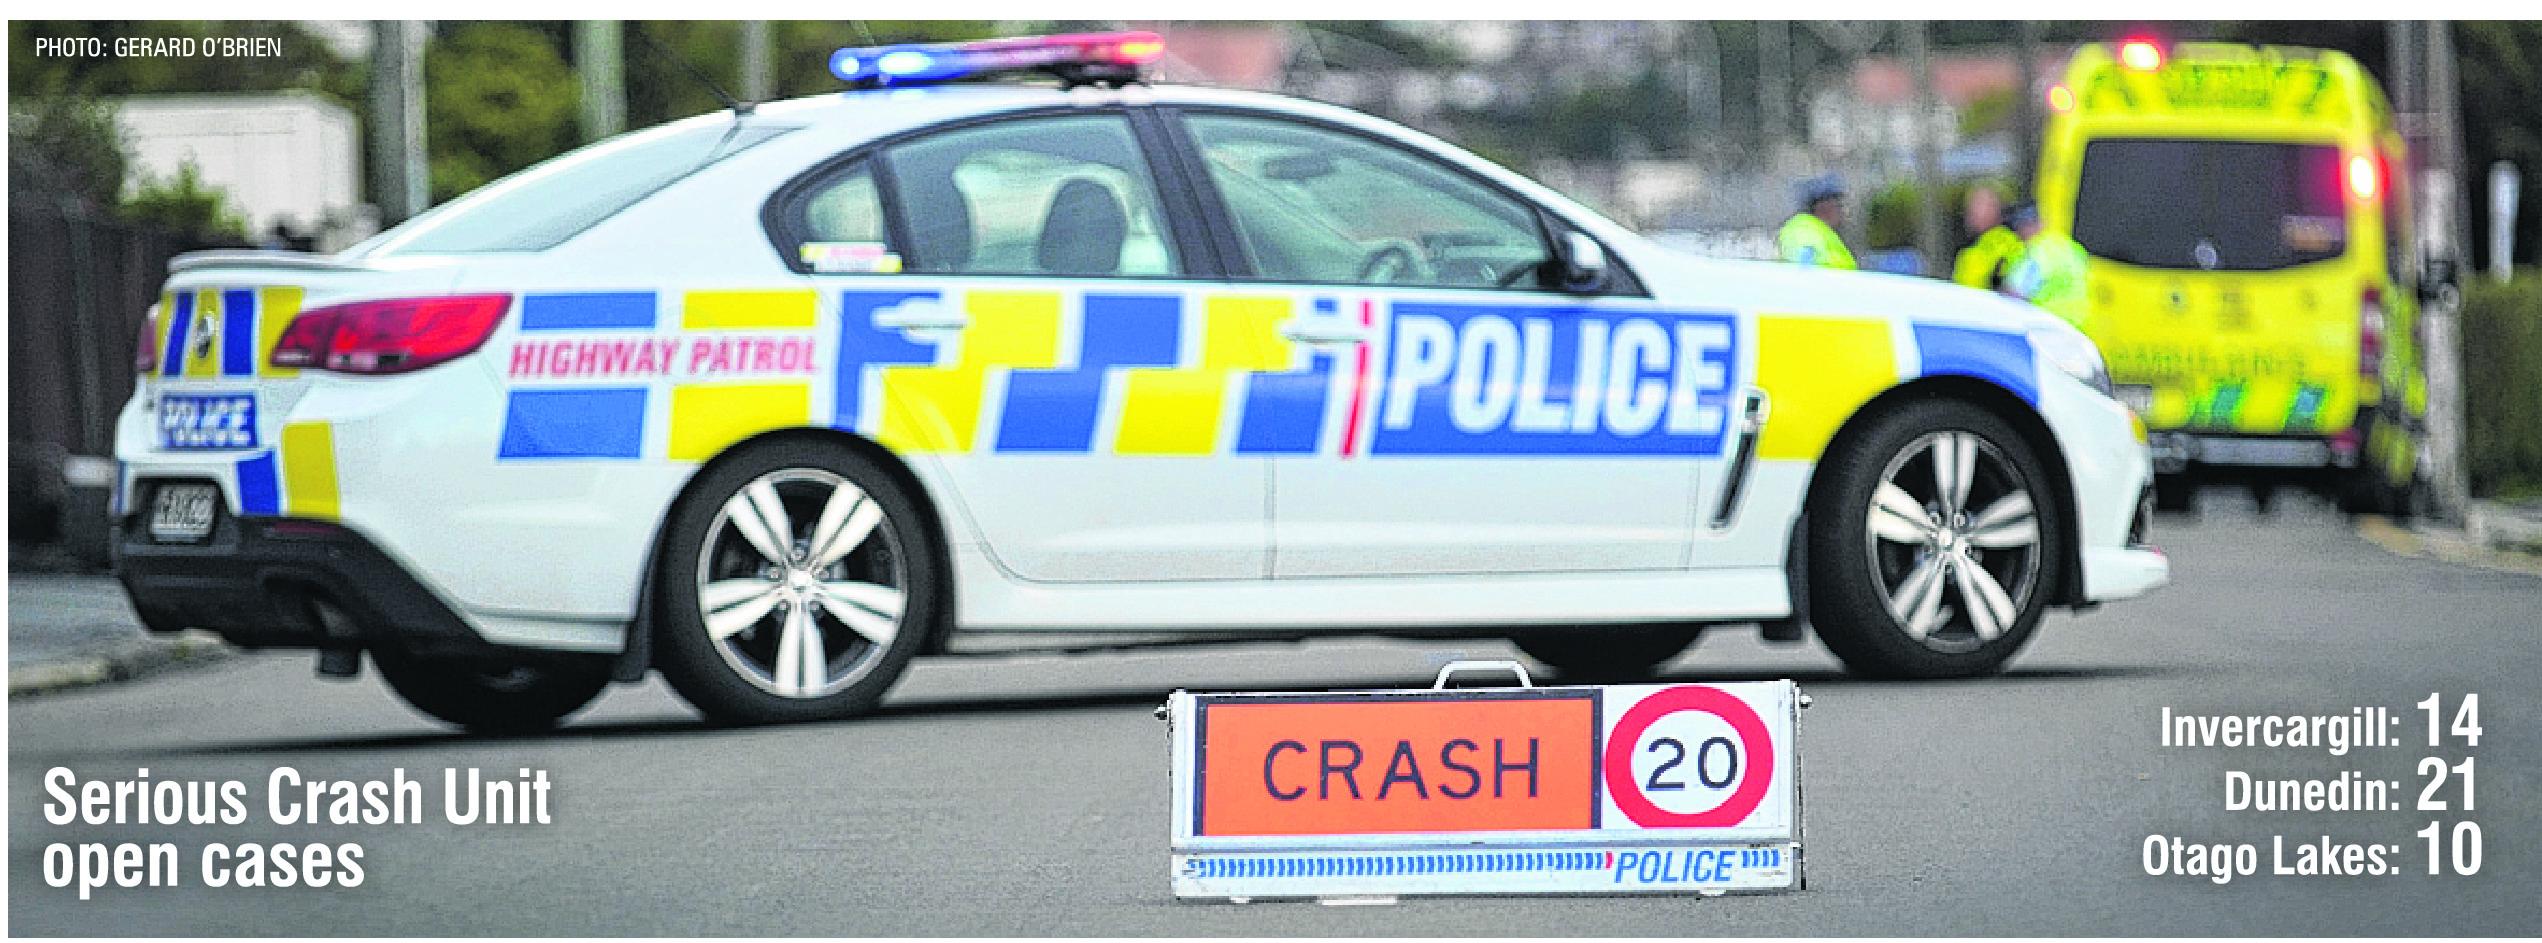 Serious Crash Unit. Photo: ODT files.